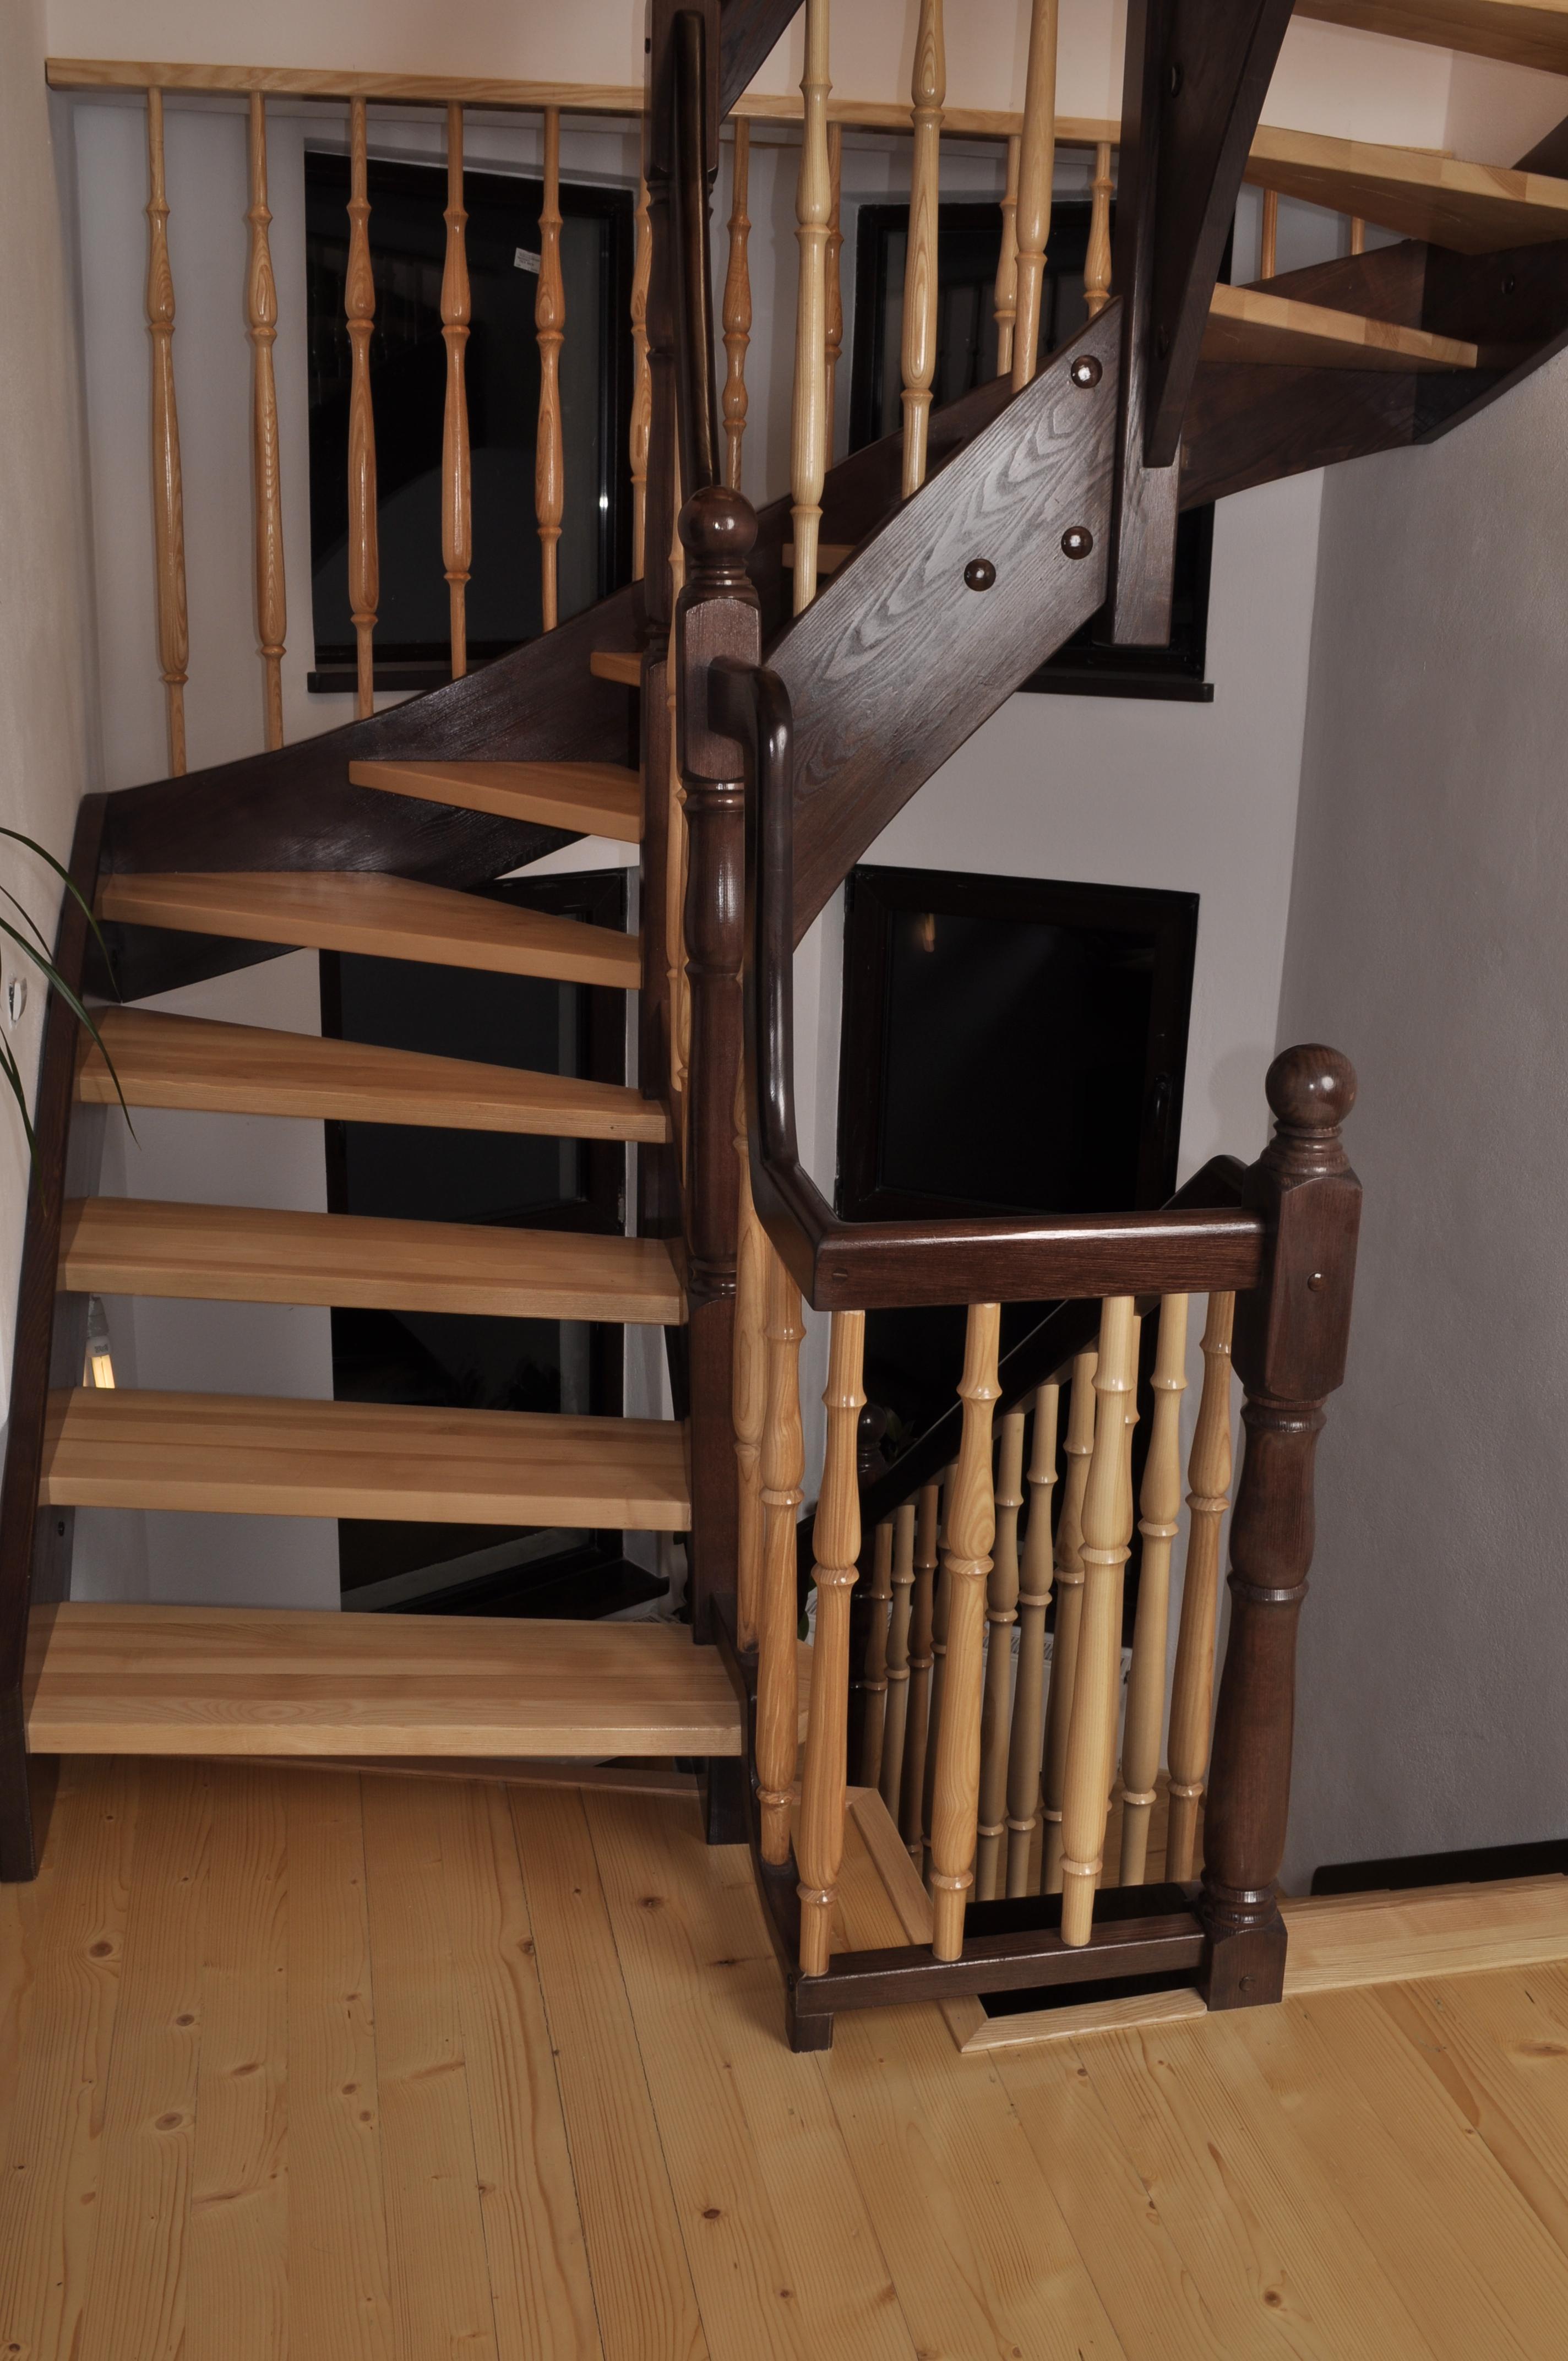 Scari interioare din lemn - Realizate la comanda TURSO HOLZ - Poza 2